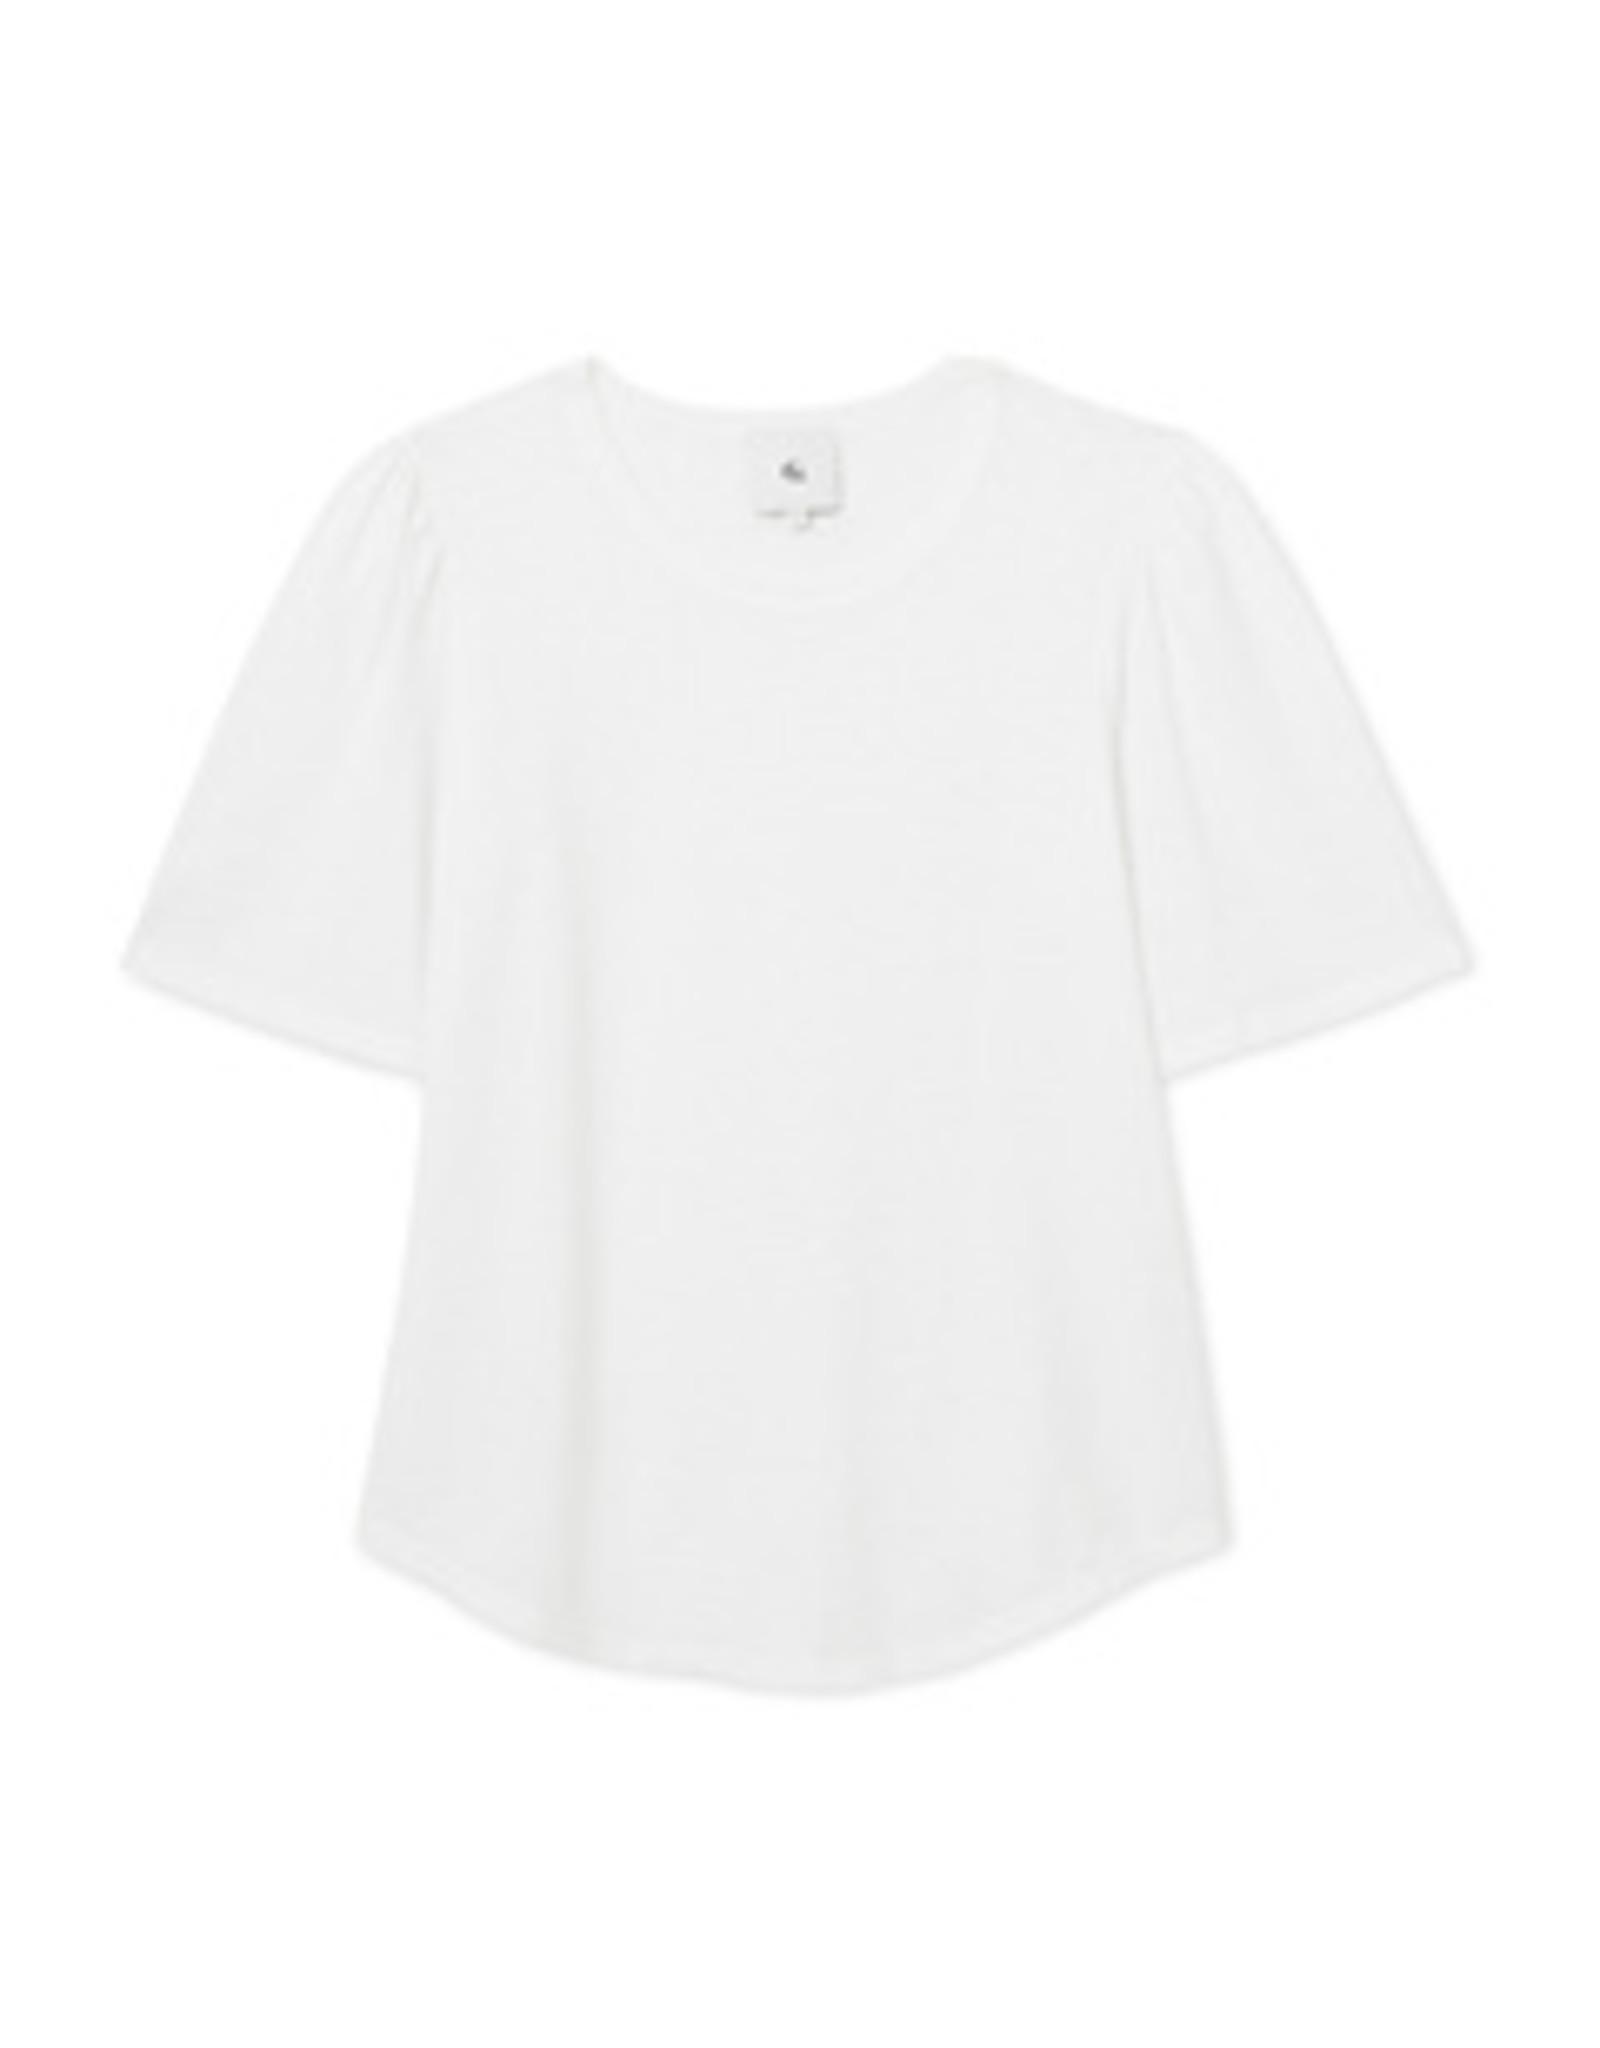 G. Label G. Label Jordan Tee Core (Color: White, Size: M)